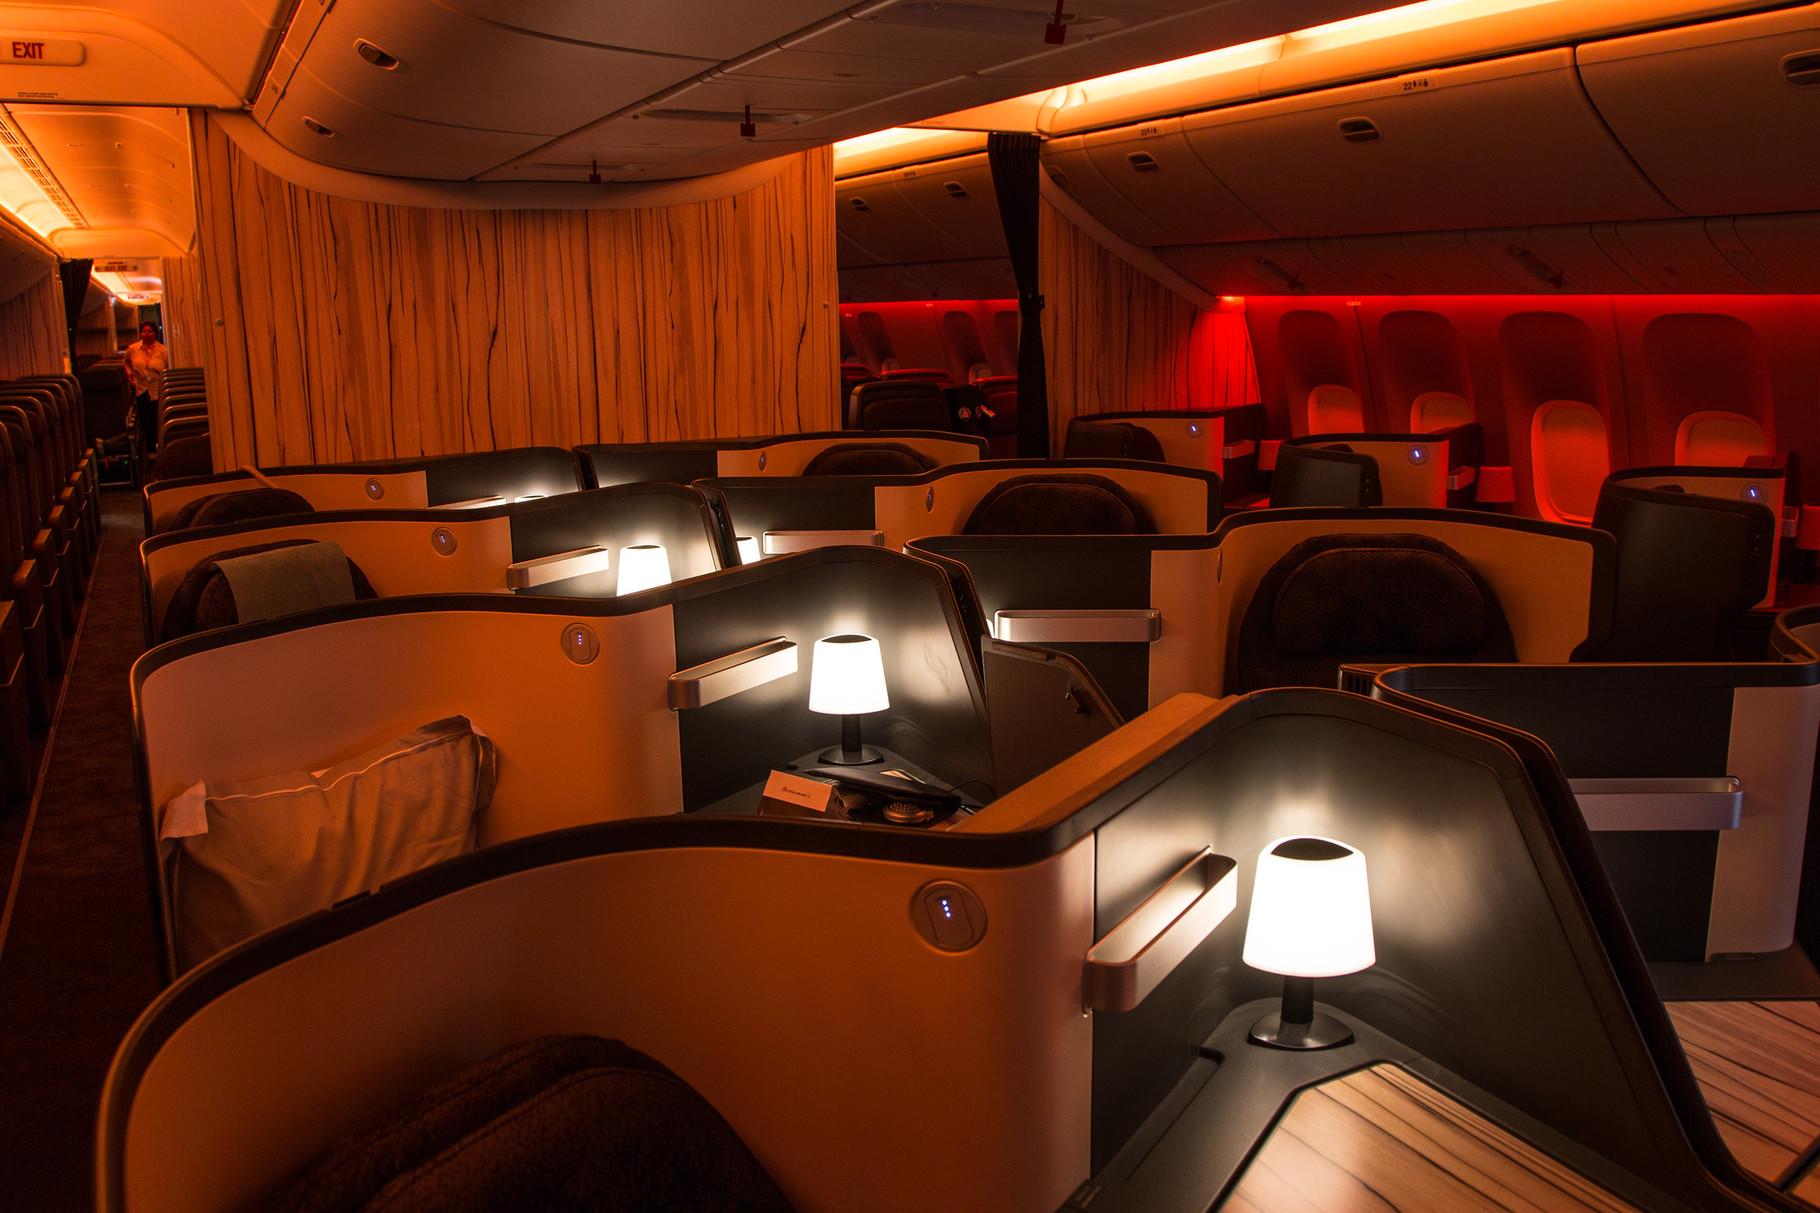 Die Business Class in der Boeing 777 nimmt fast den halben Flieger in Anspruch.